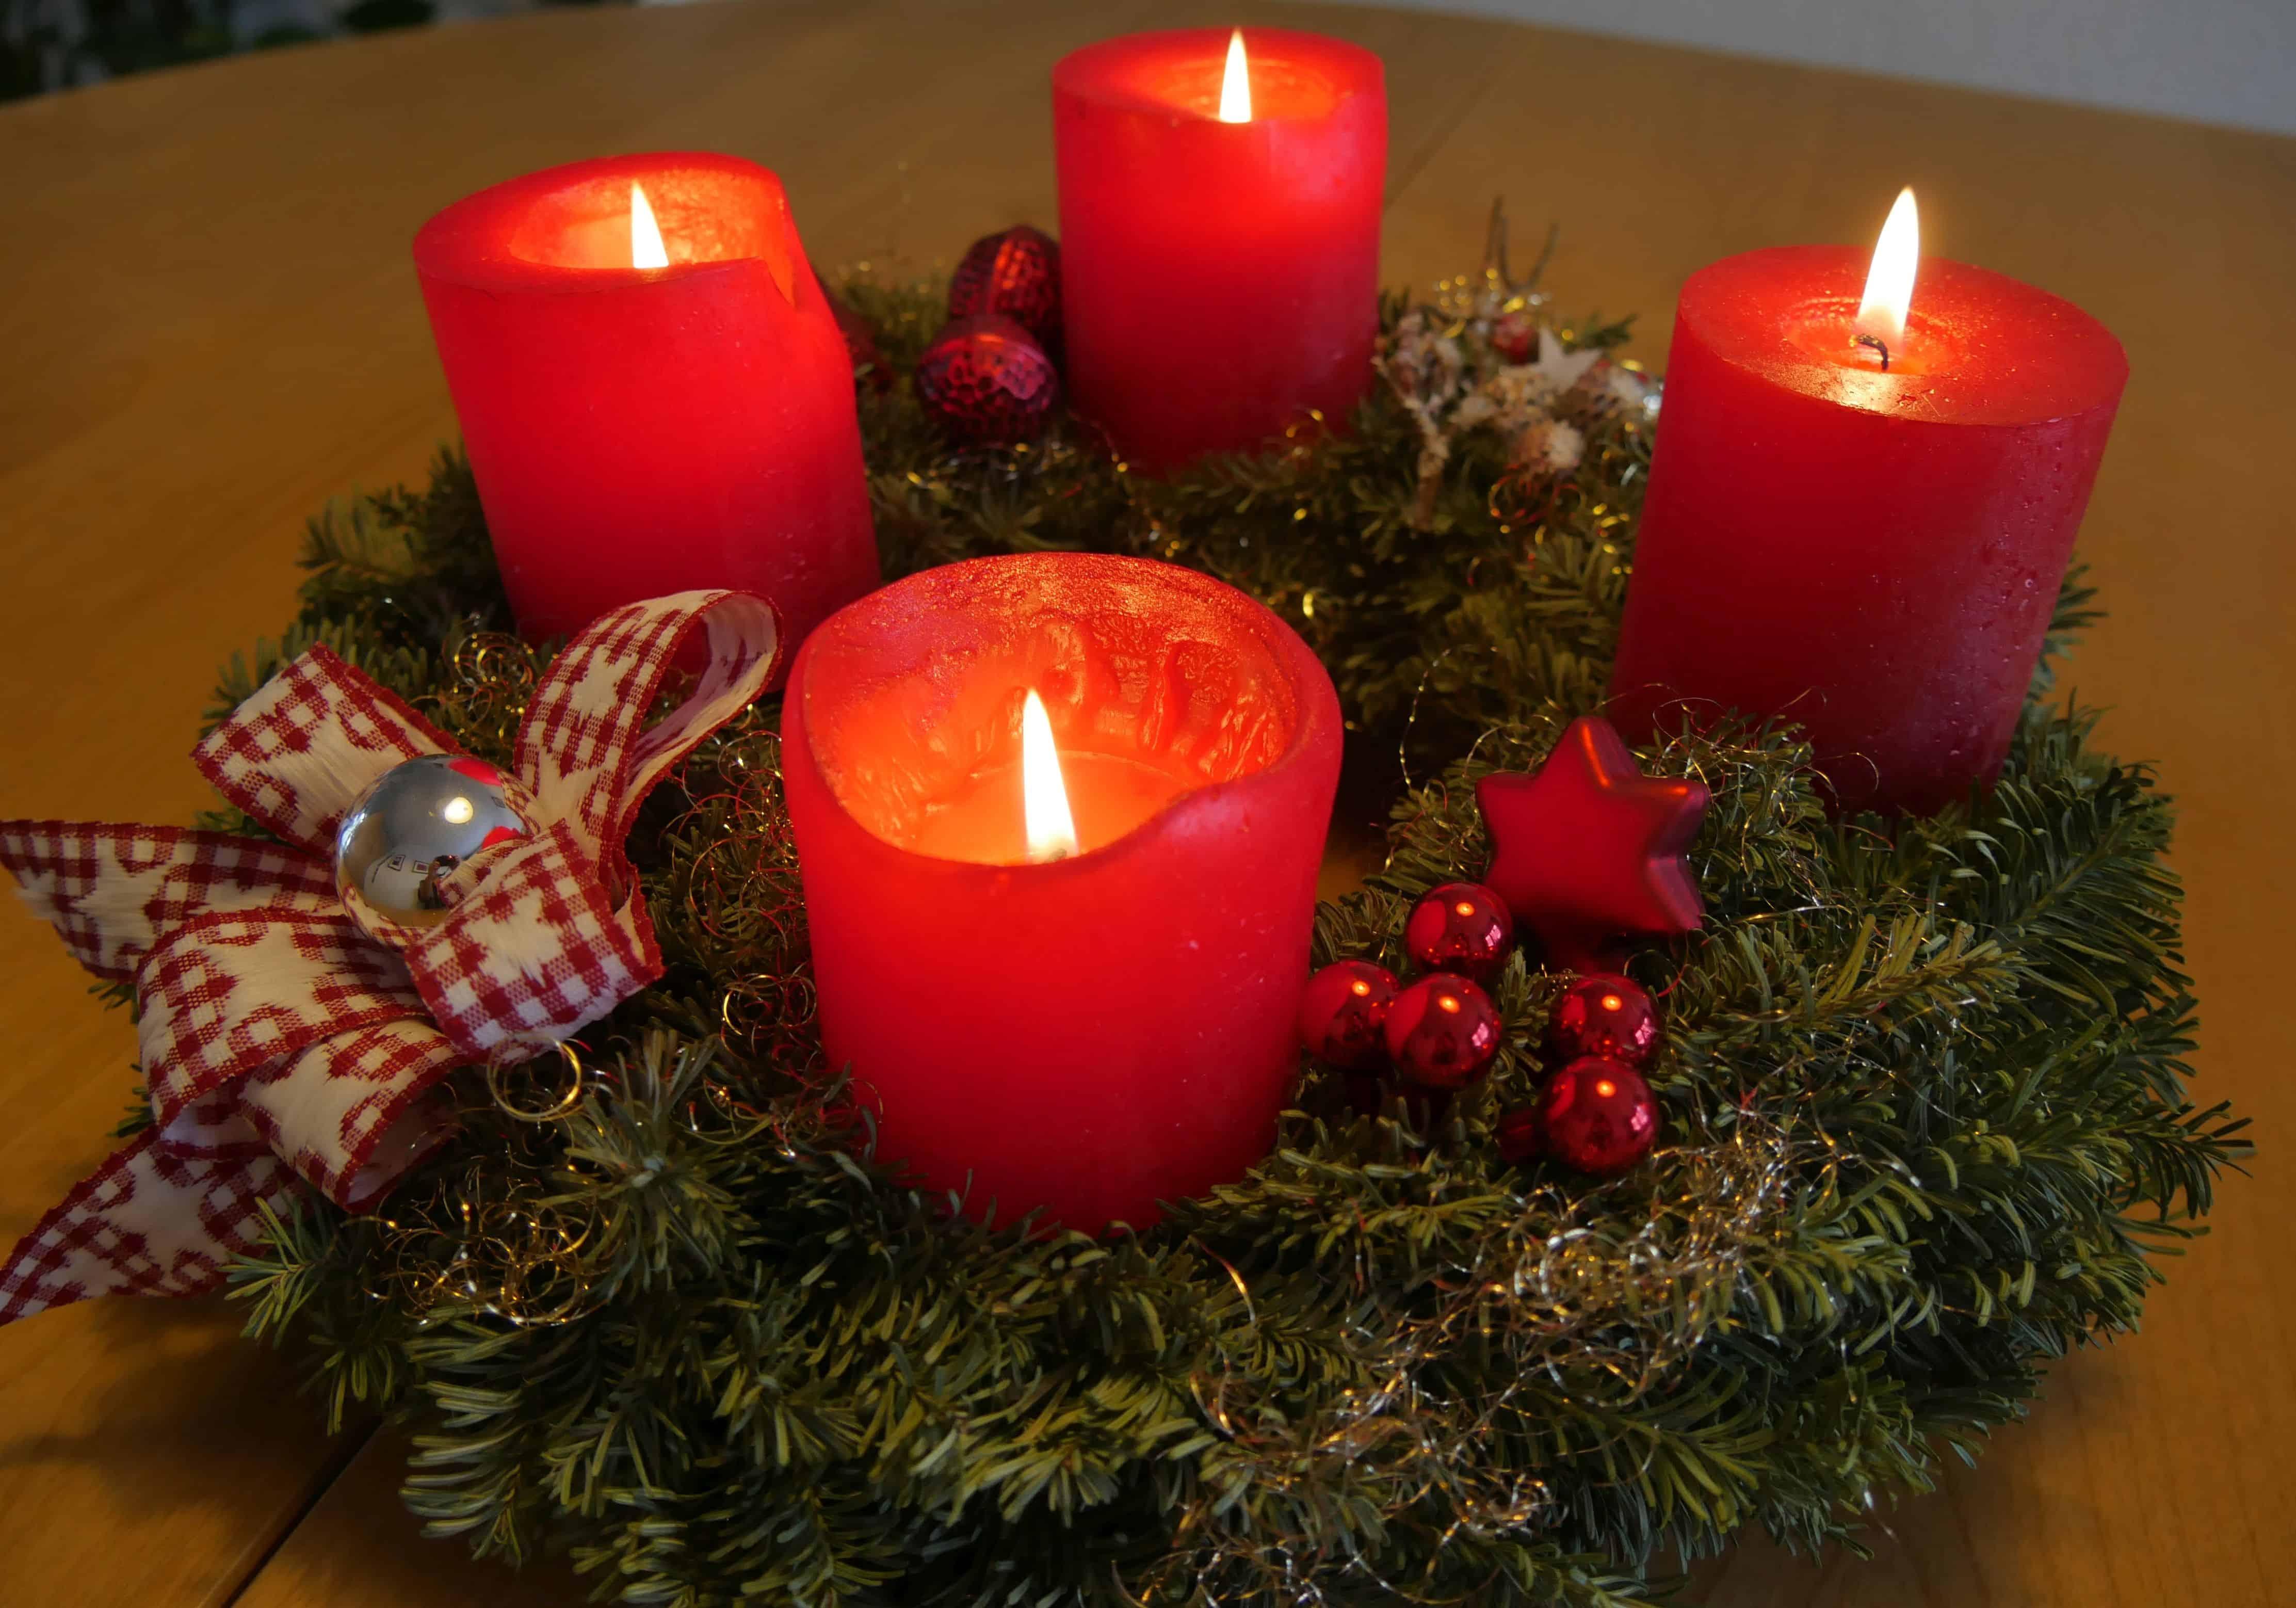 Ein Adventskranz mit vier brennenden Kerzen